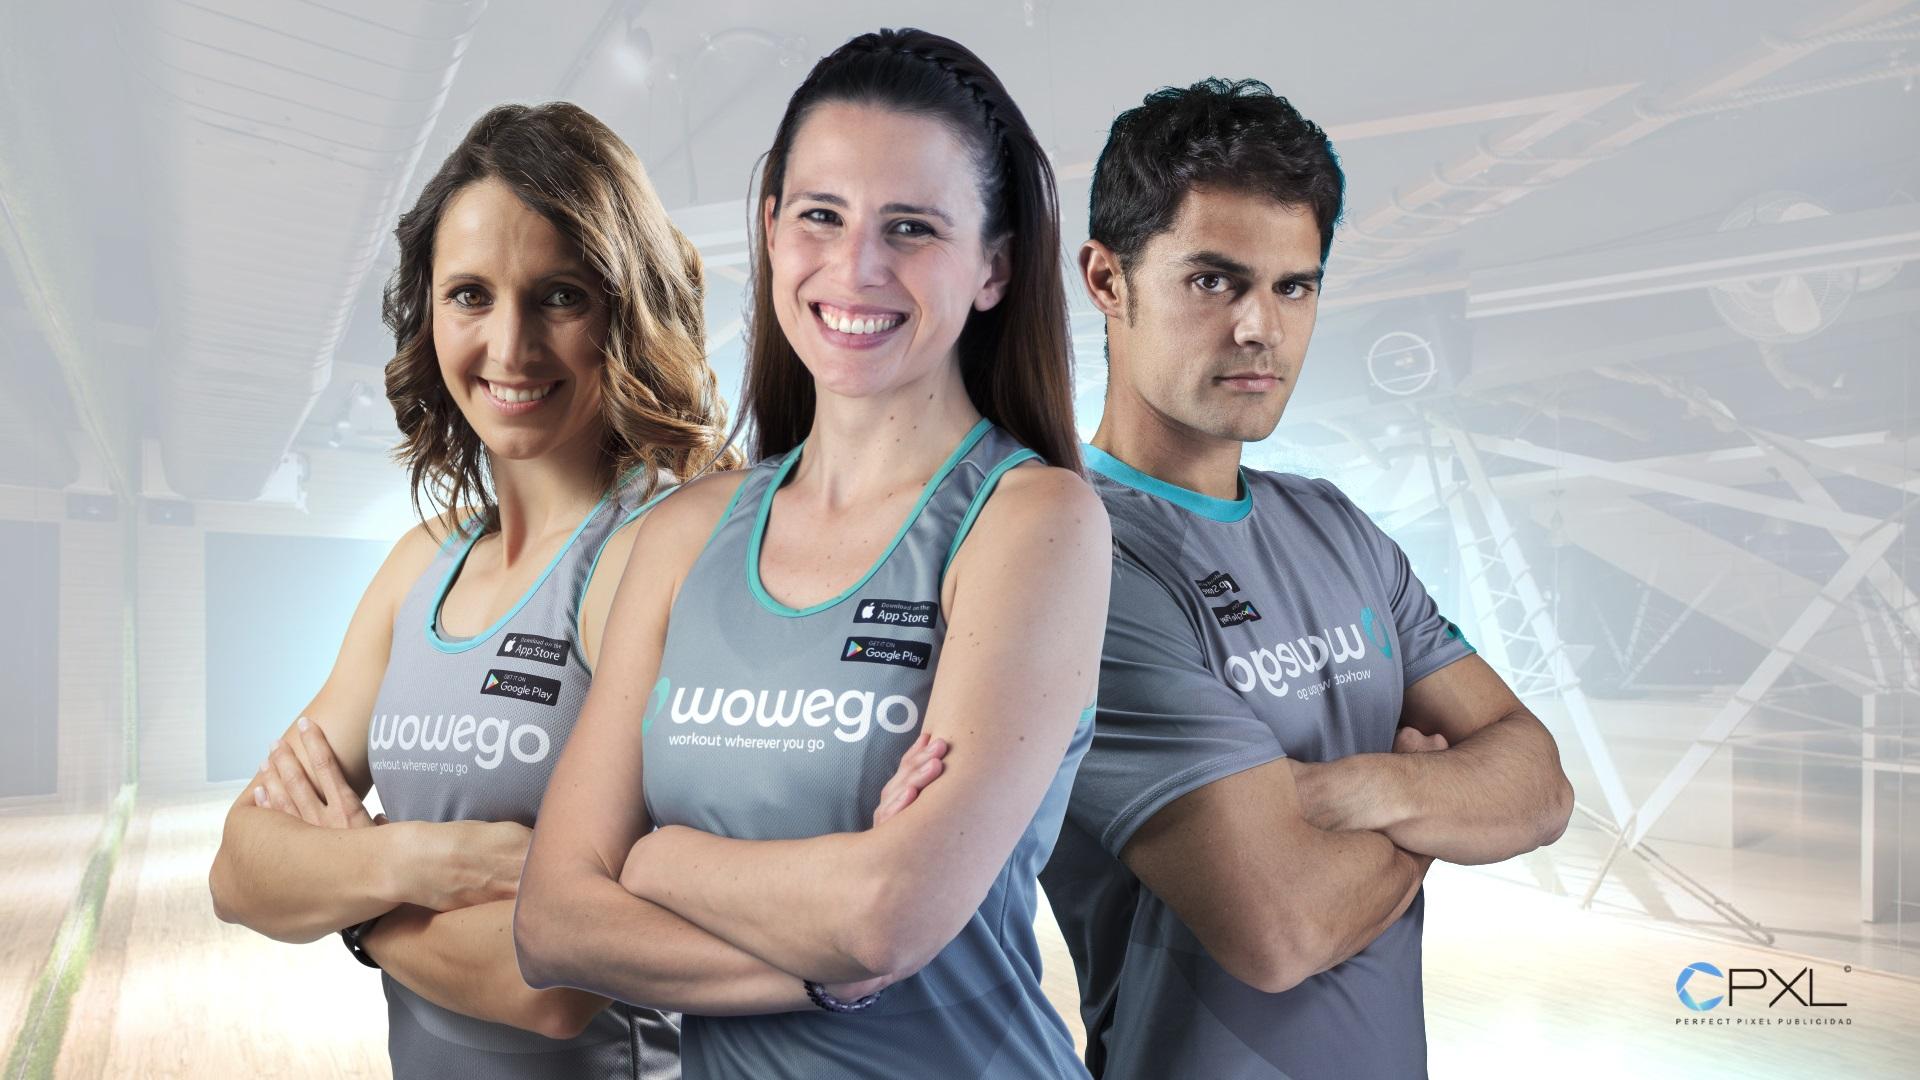 Fotografía empleados para aplicación de fitness Wowego (Workout wherever you go)